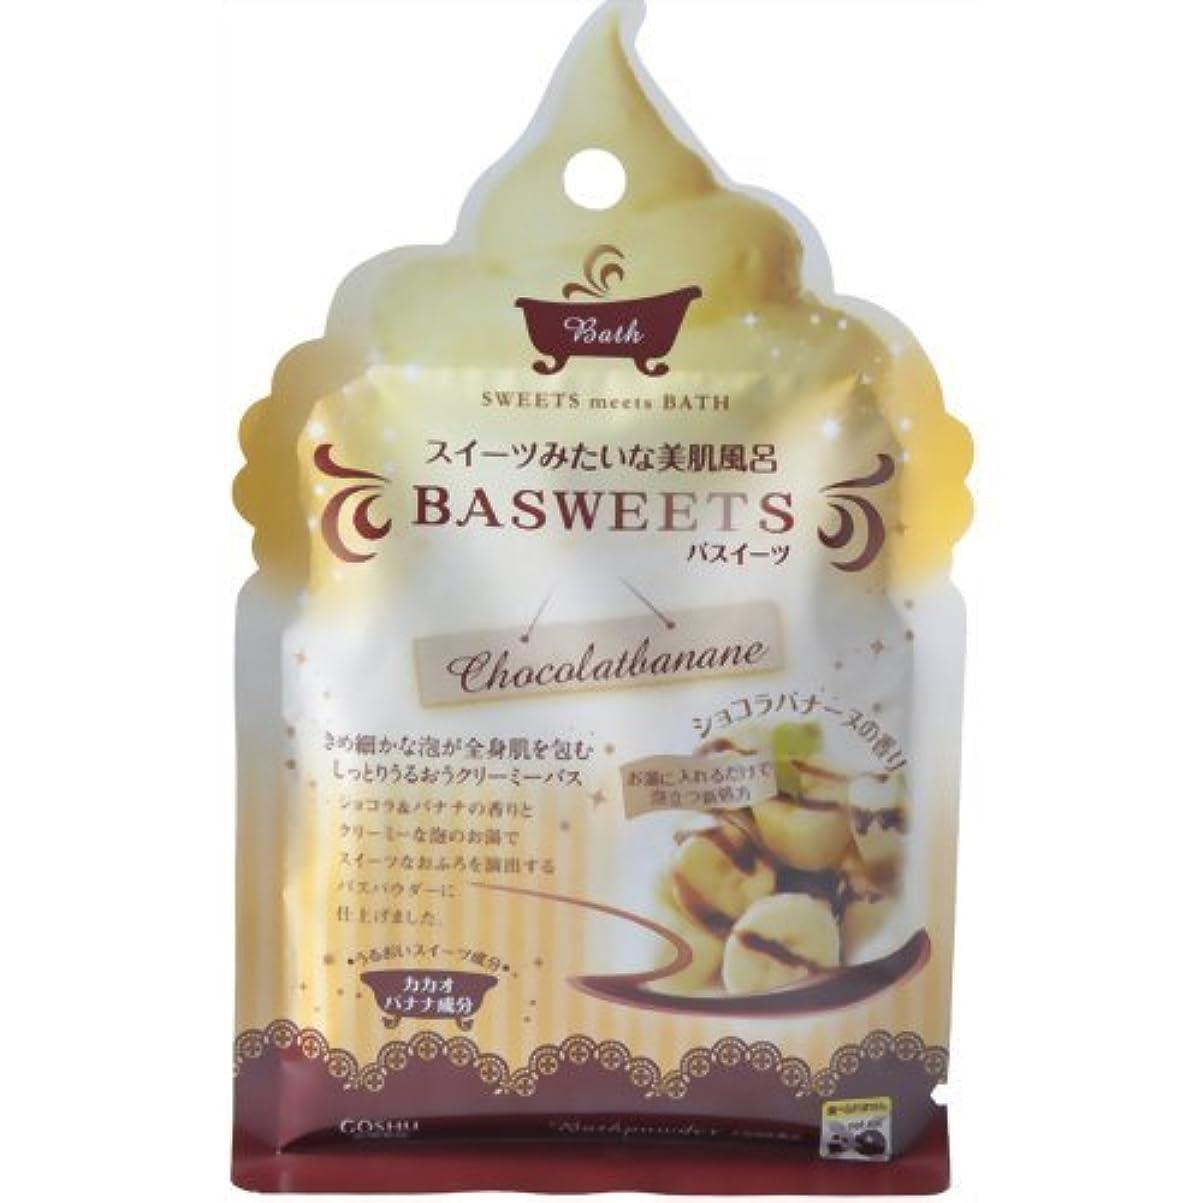 治療代数的円形のバスイーツ ショコラバナーヌの香り 50g(入浴剤)